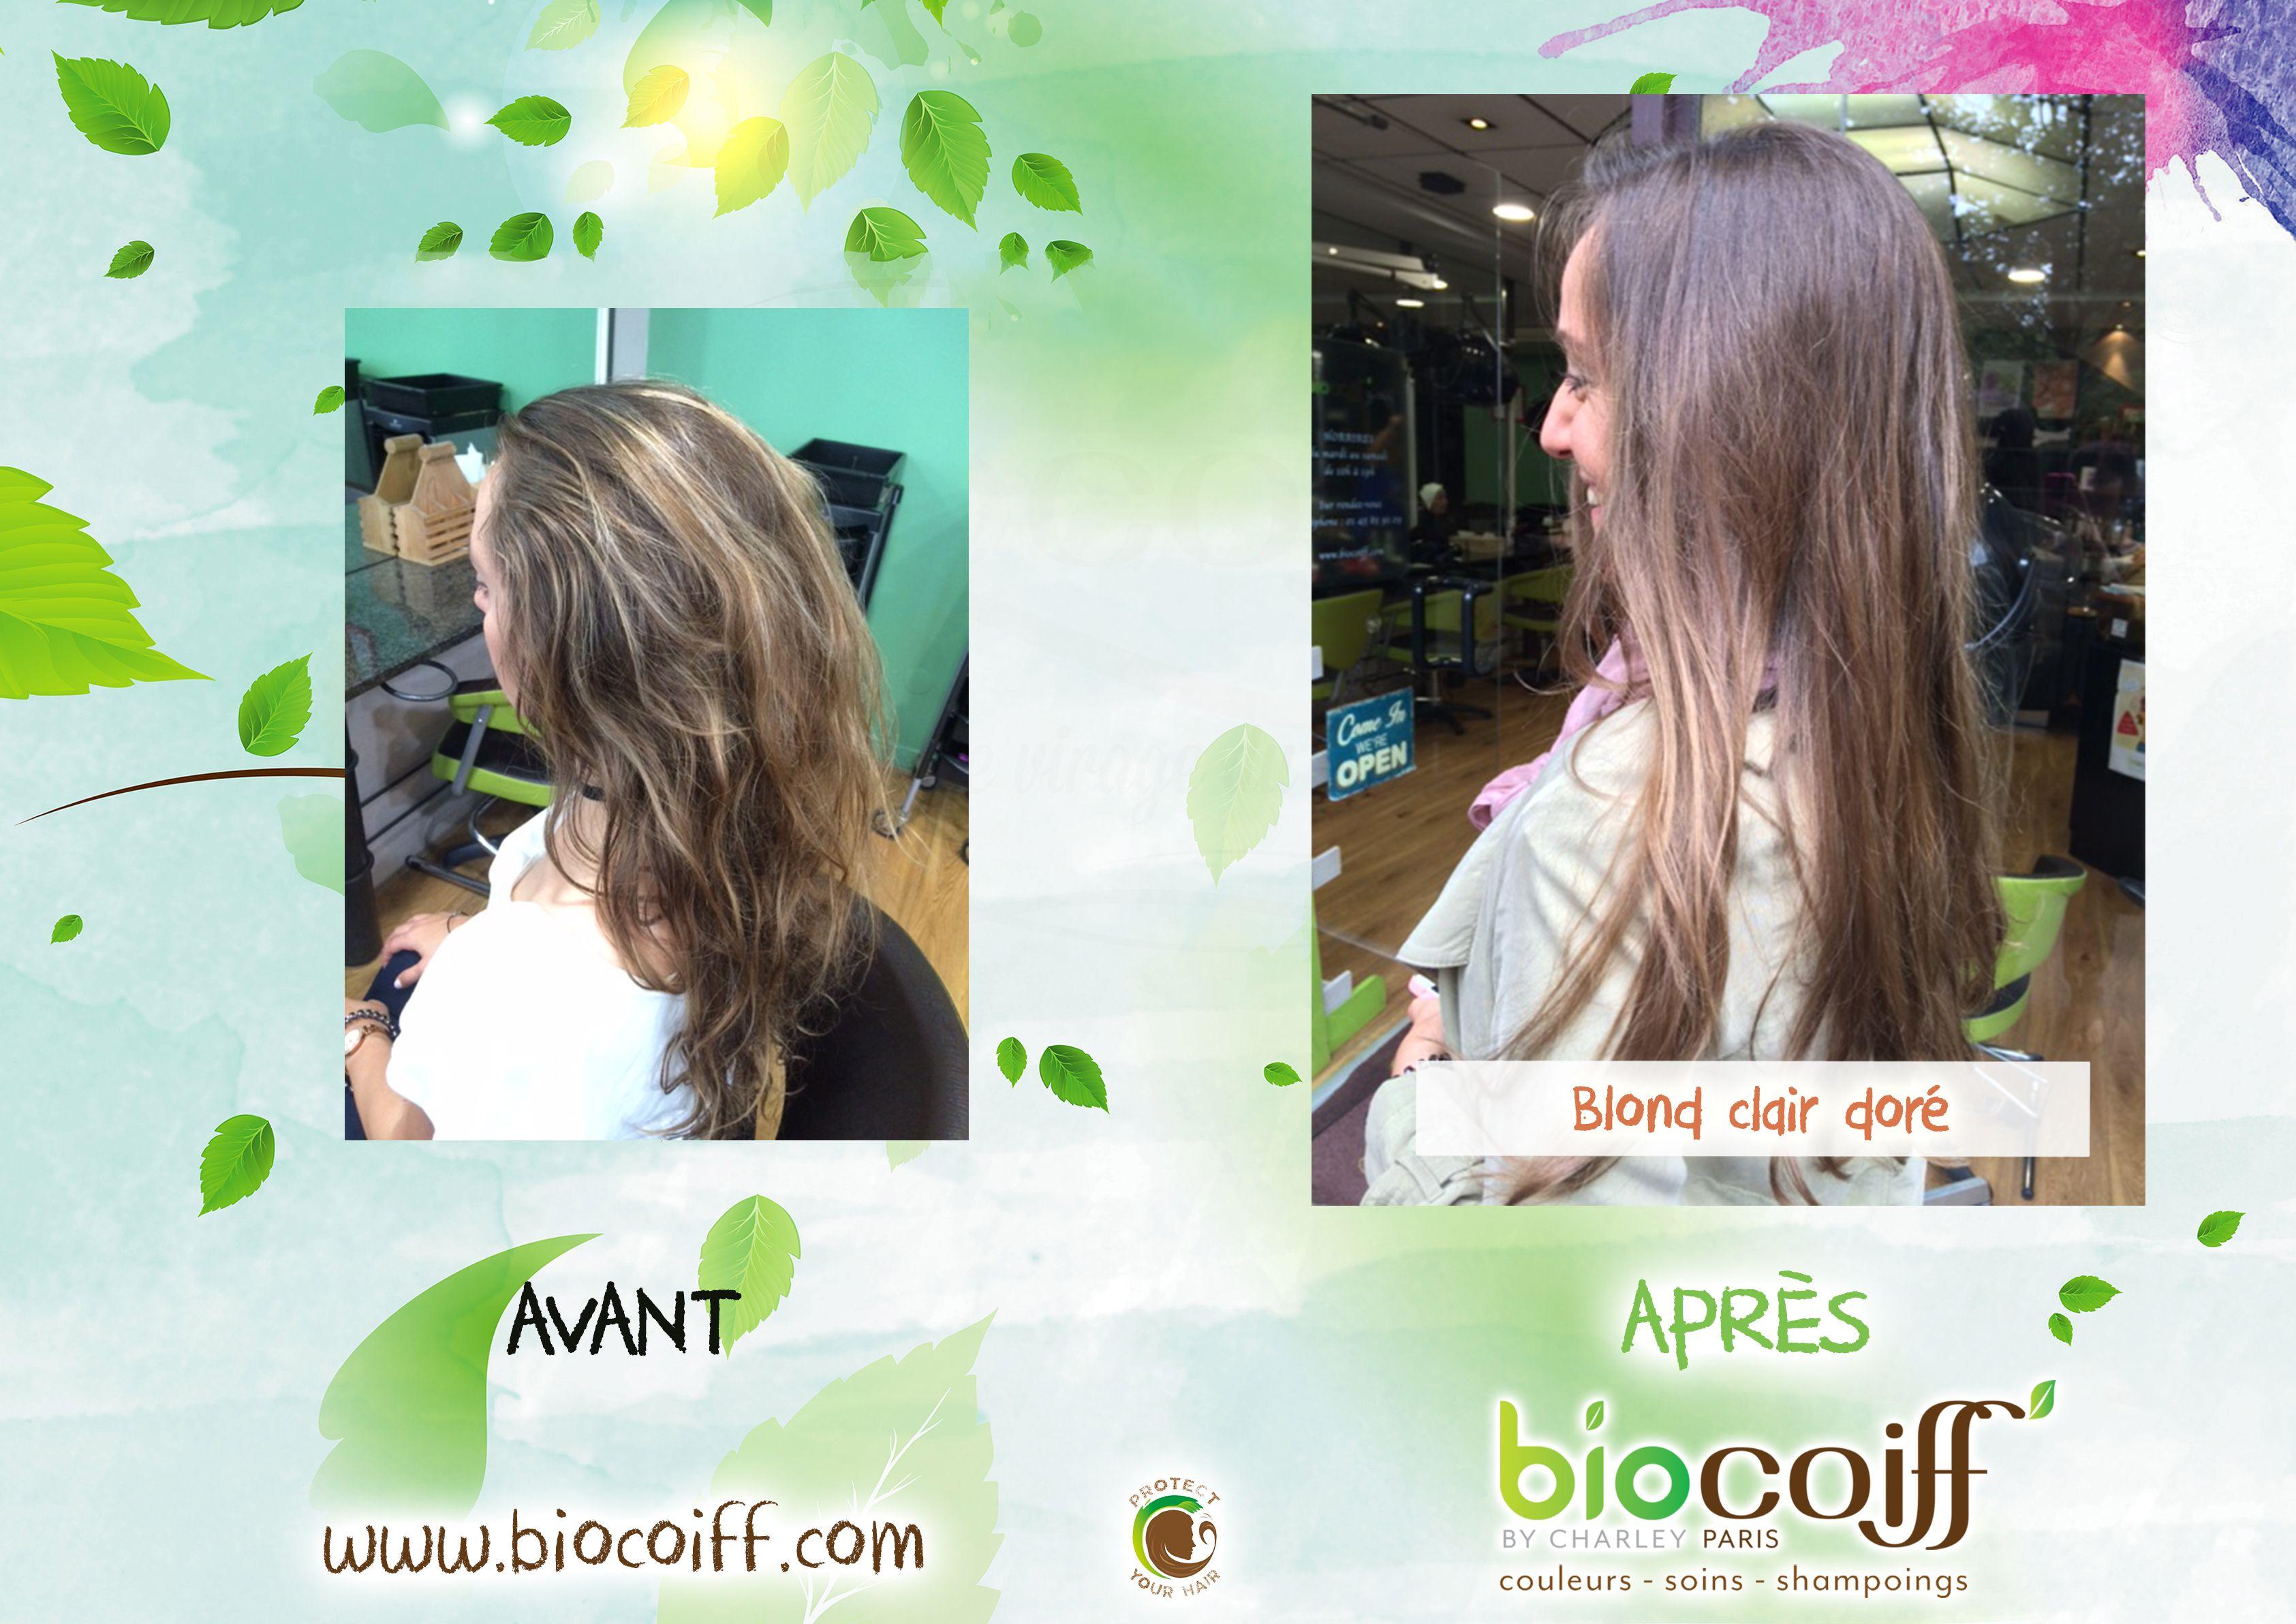 Blond Clair Dore Par Le Salon Du 13eme Arrondissement Blond Dore Coloration Naturel Biocoiff Blond Clair Dore Coiffeur Bio Blond